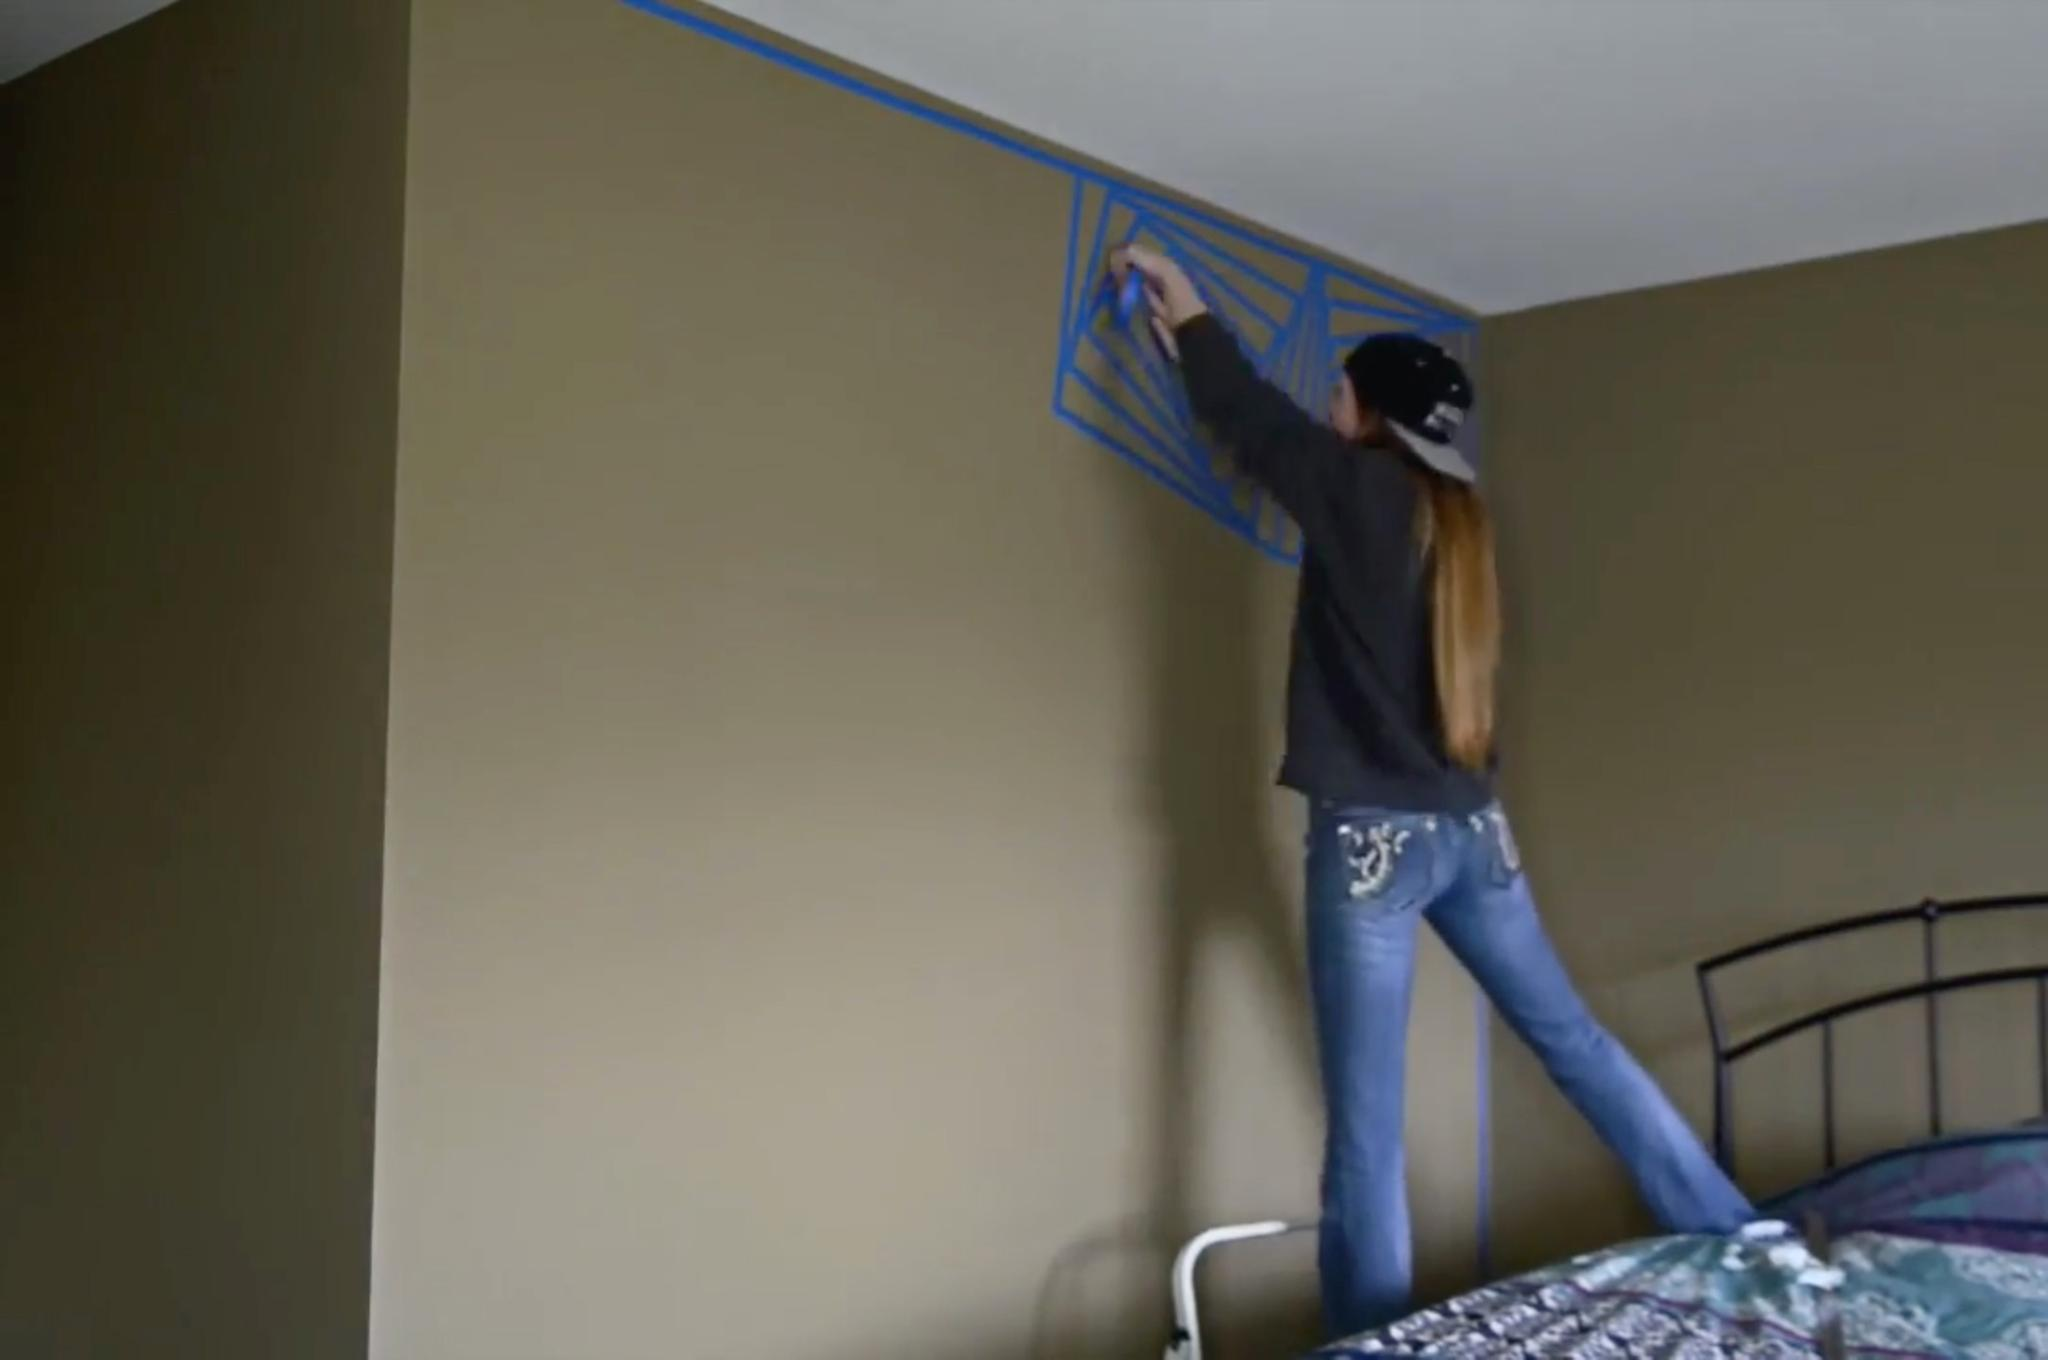 Wandgestaltung Mit Klebeband wandgestaltung selber machen - die coolste idee mit klebeband